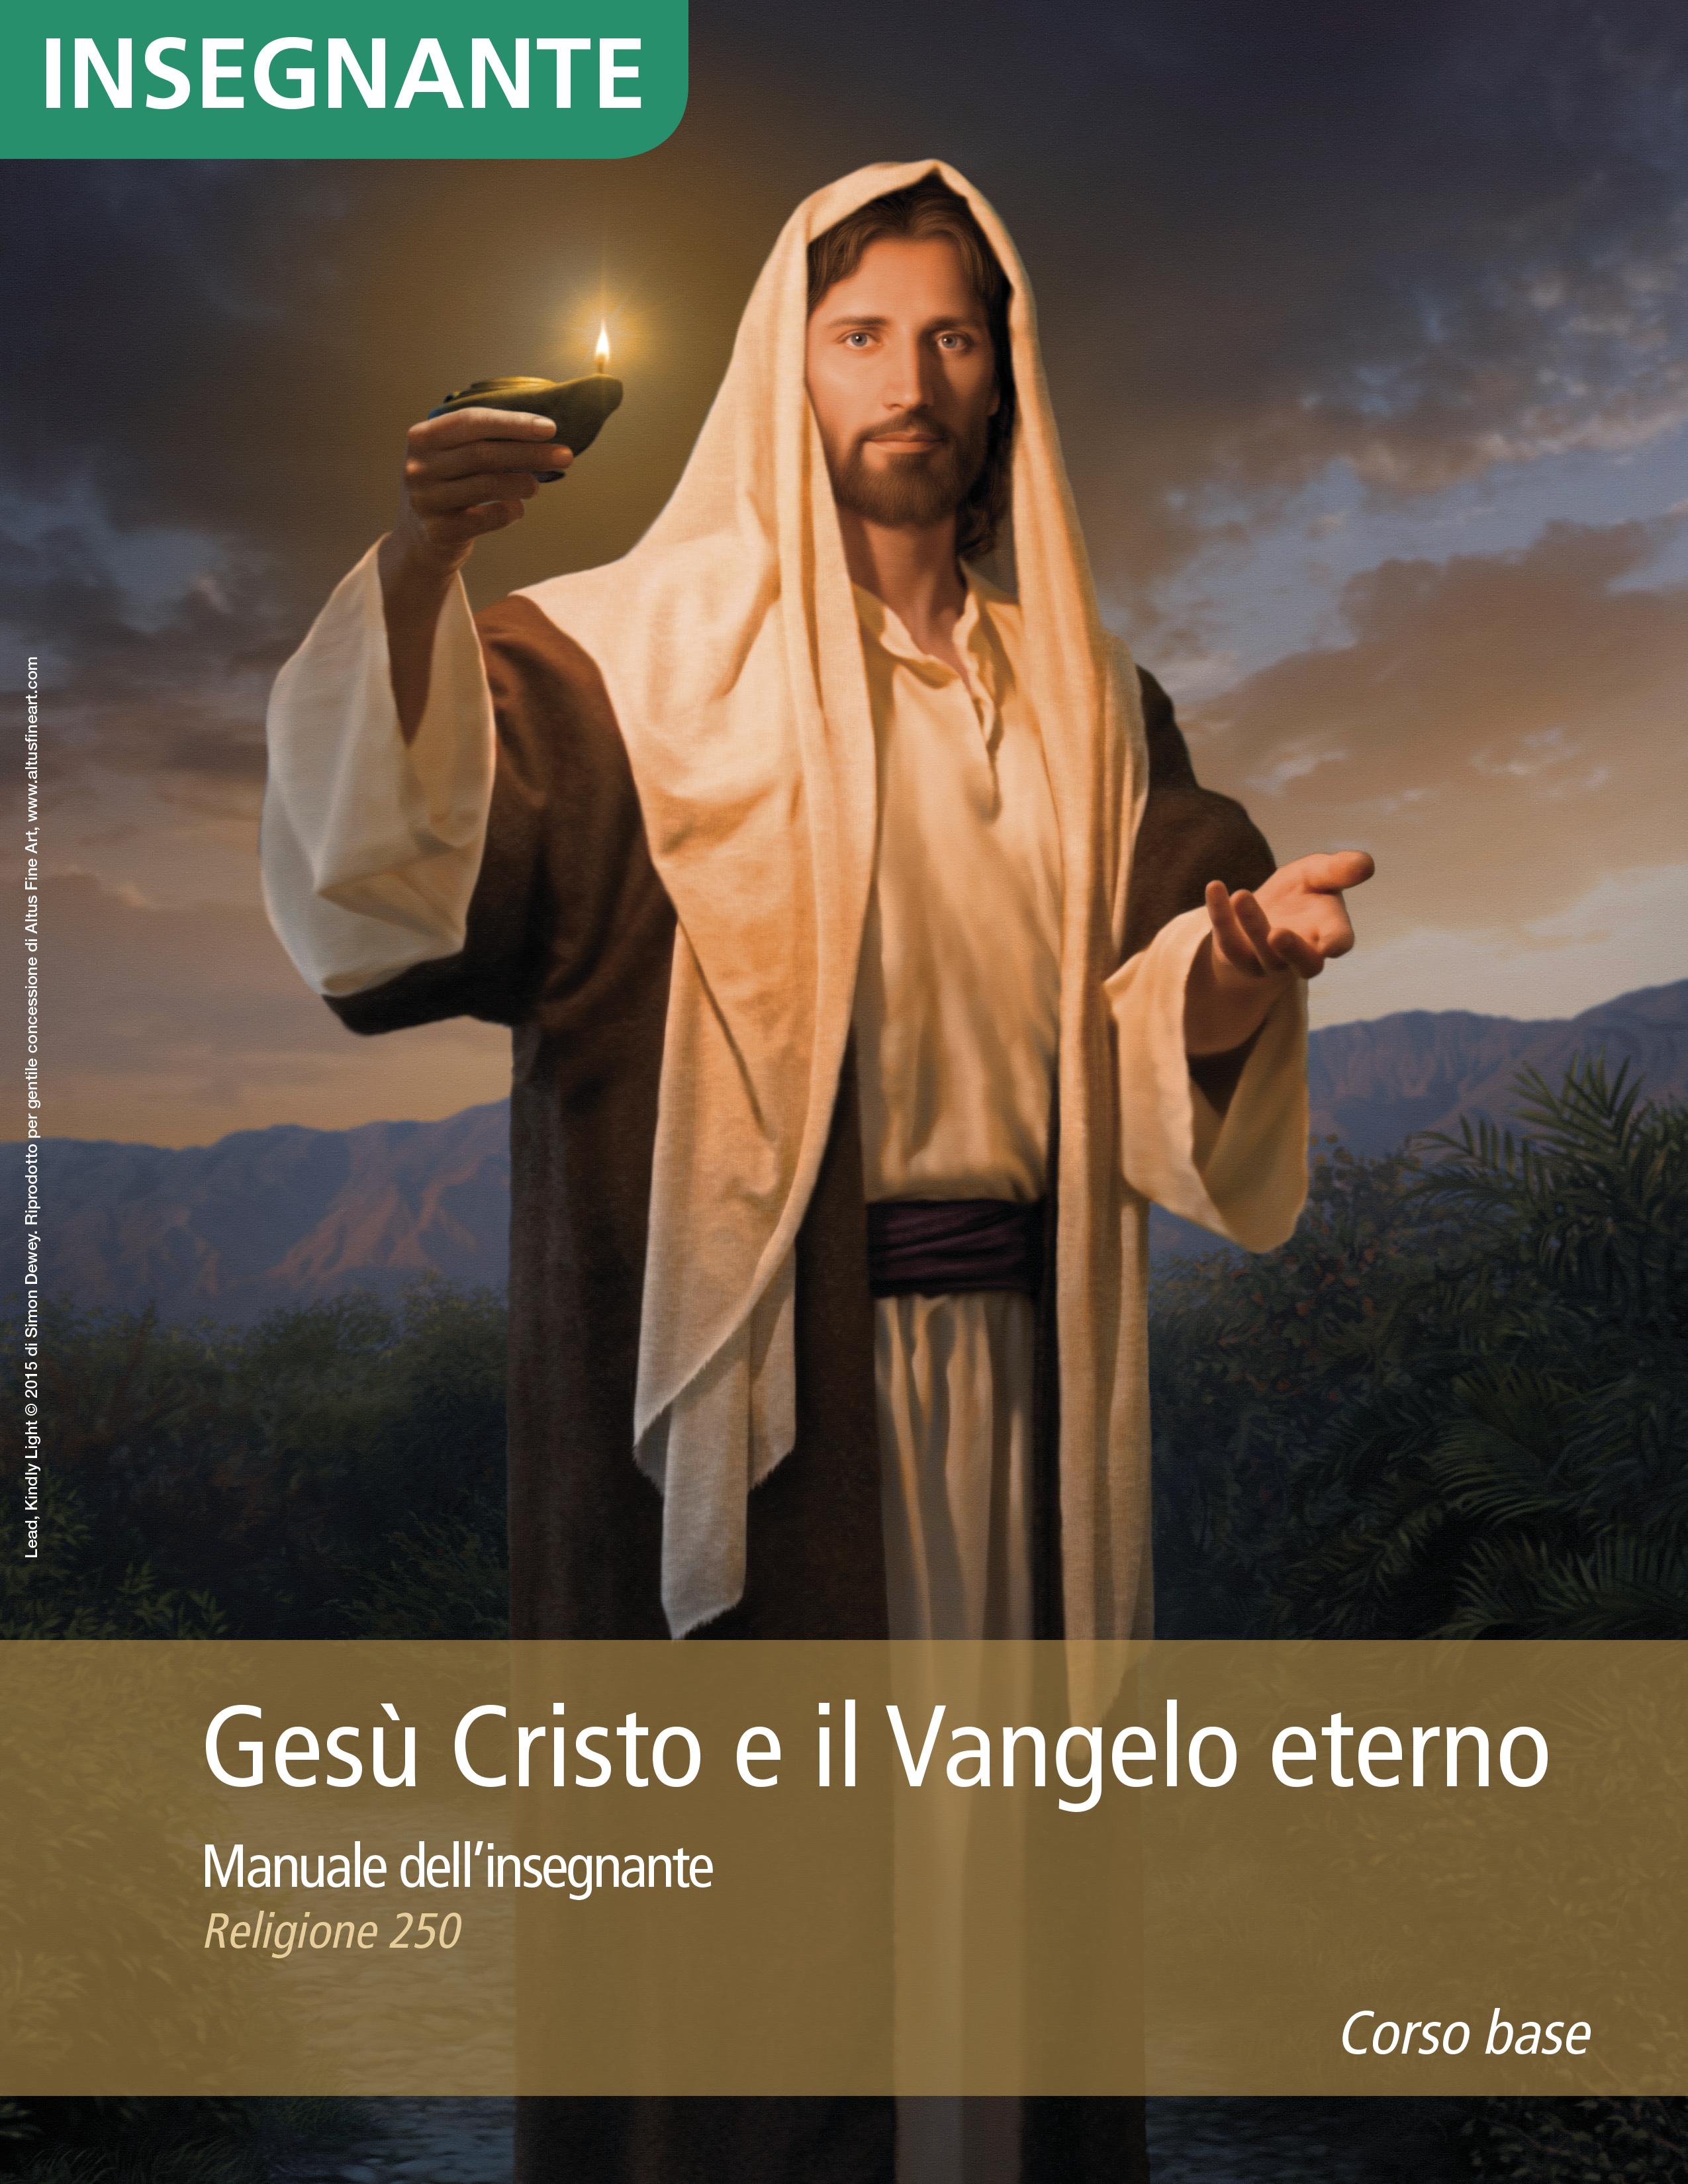 Gesù Cristo e il vangelo eterno – Manuale dell'insegnante